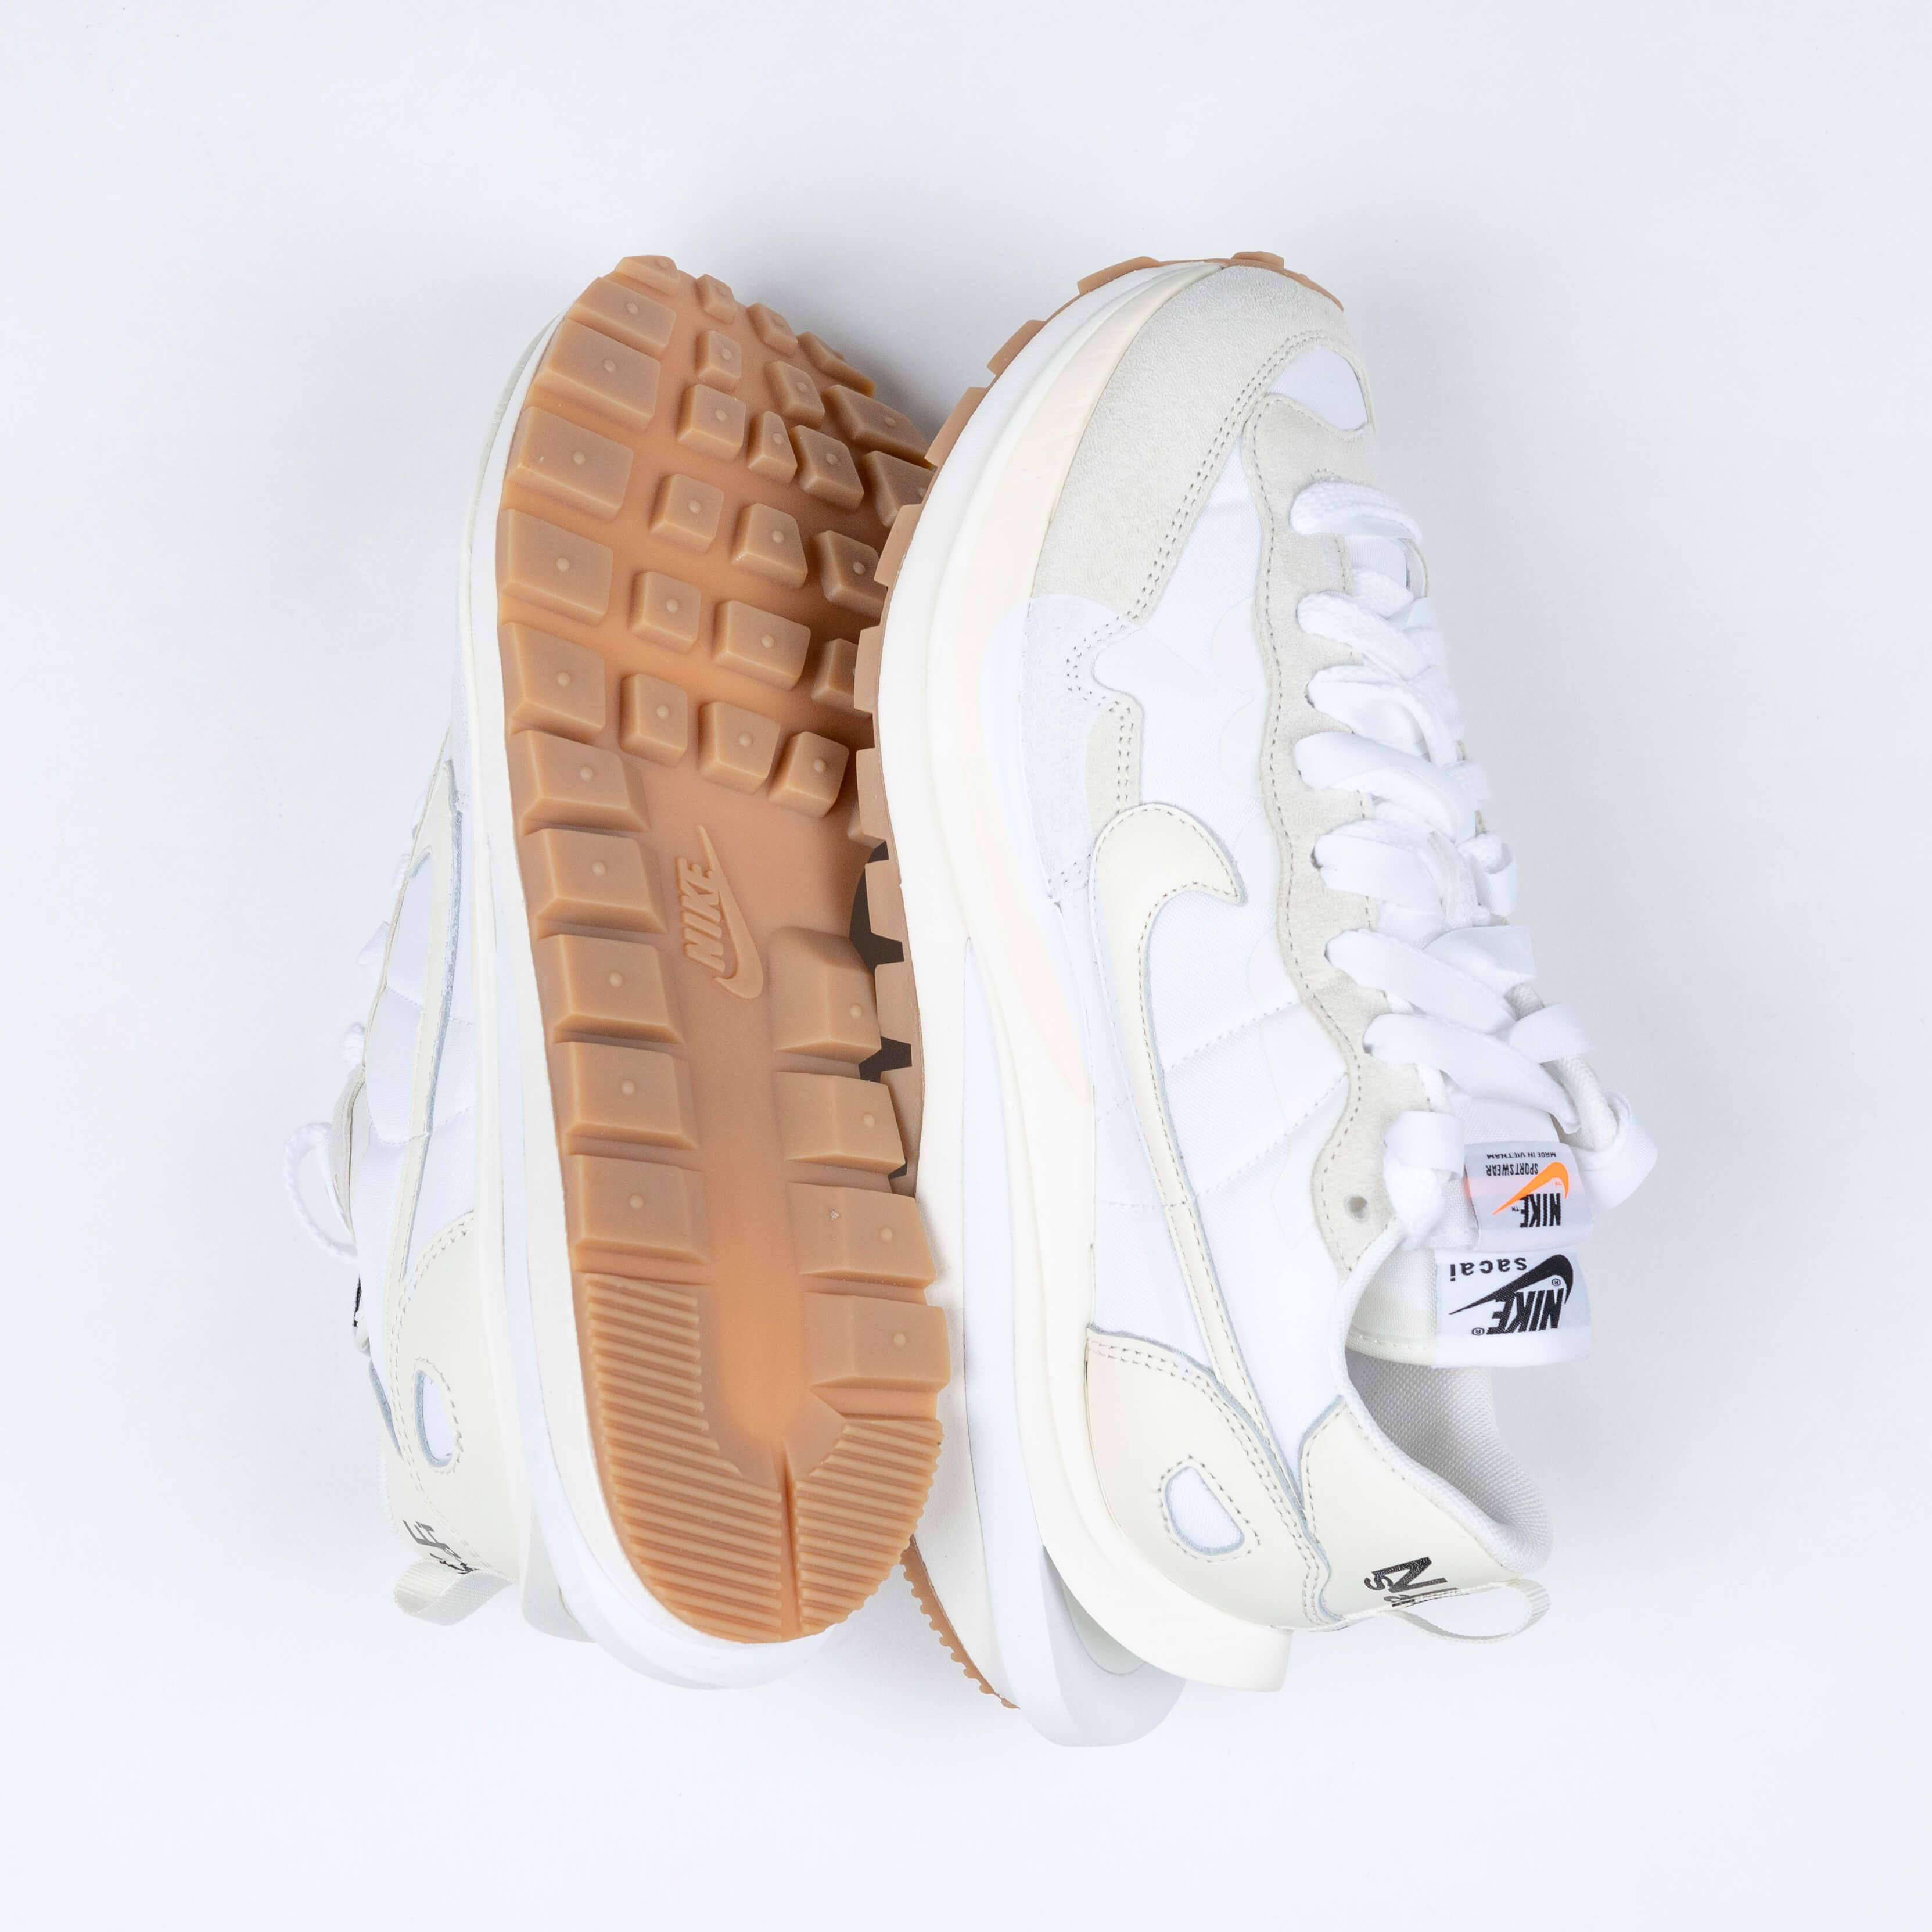 Nike Vaporwaffle Sacai Sail Gum - DD1875-100